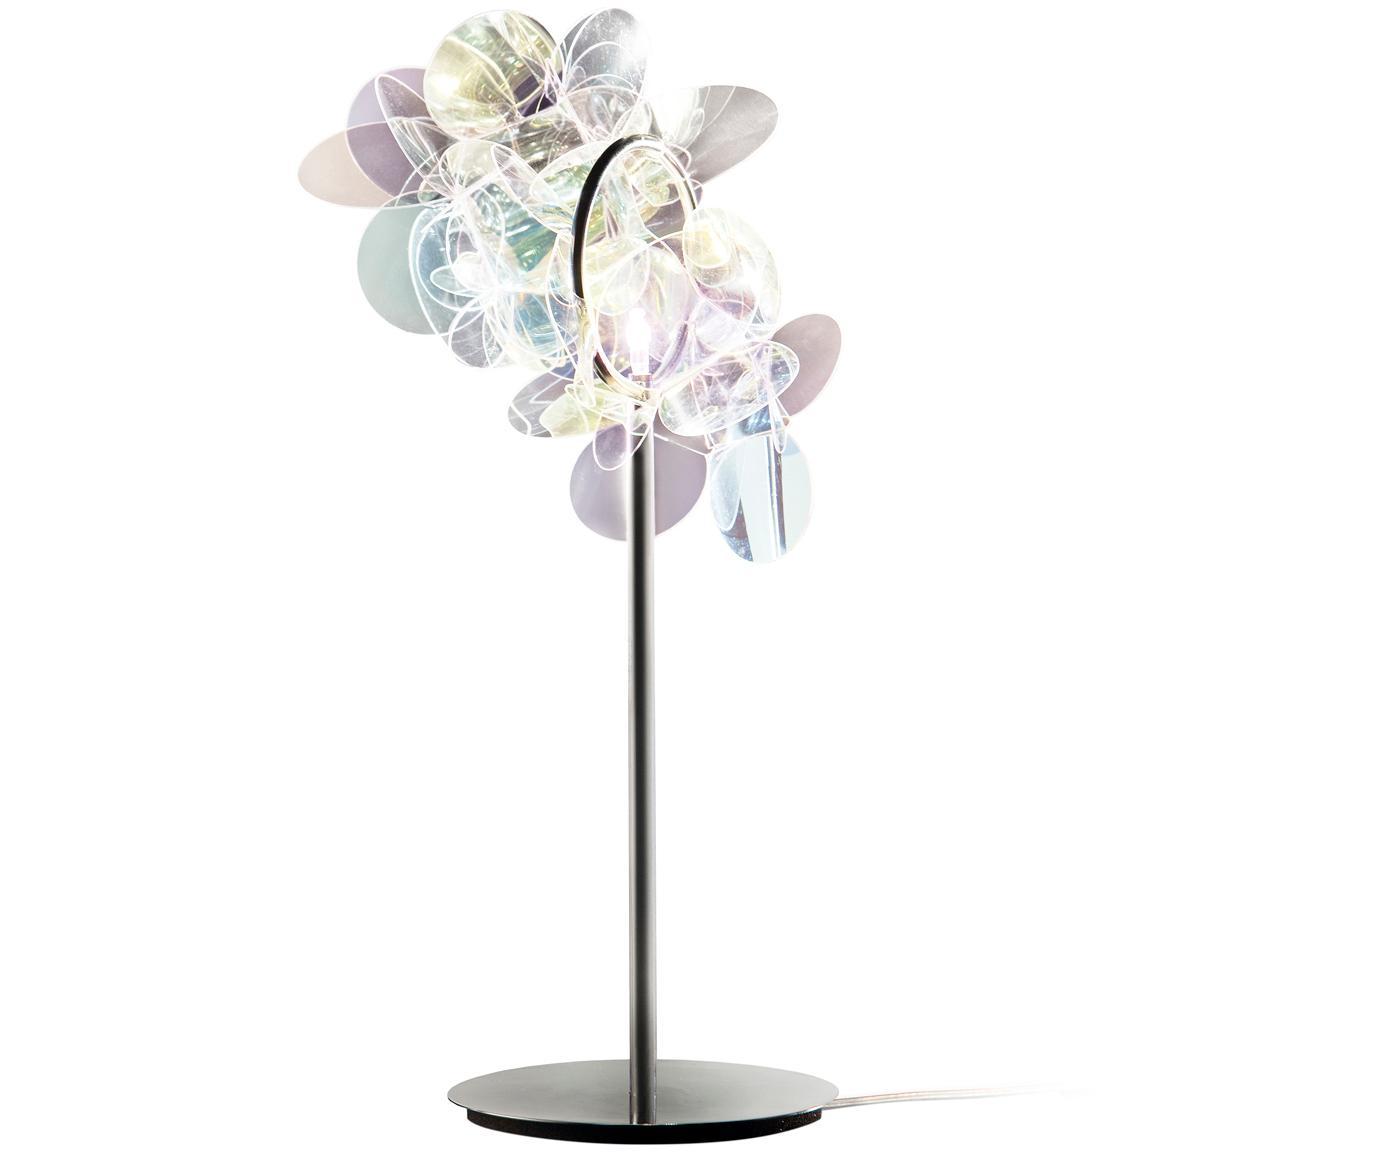 Design-Tischlampe Mille Bolle, Lampenschirm: Technopolymer Cristalflex, Lampenfuß: Stahl, Mehrfarbig, 22 x 41 cm